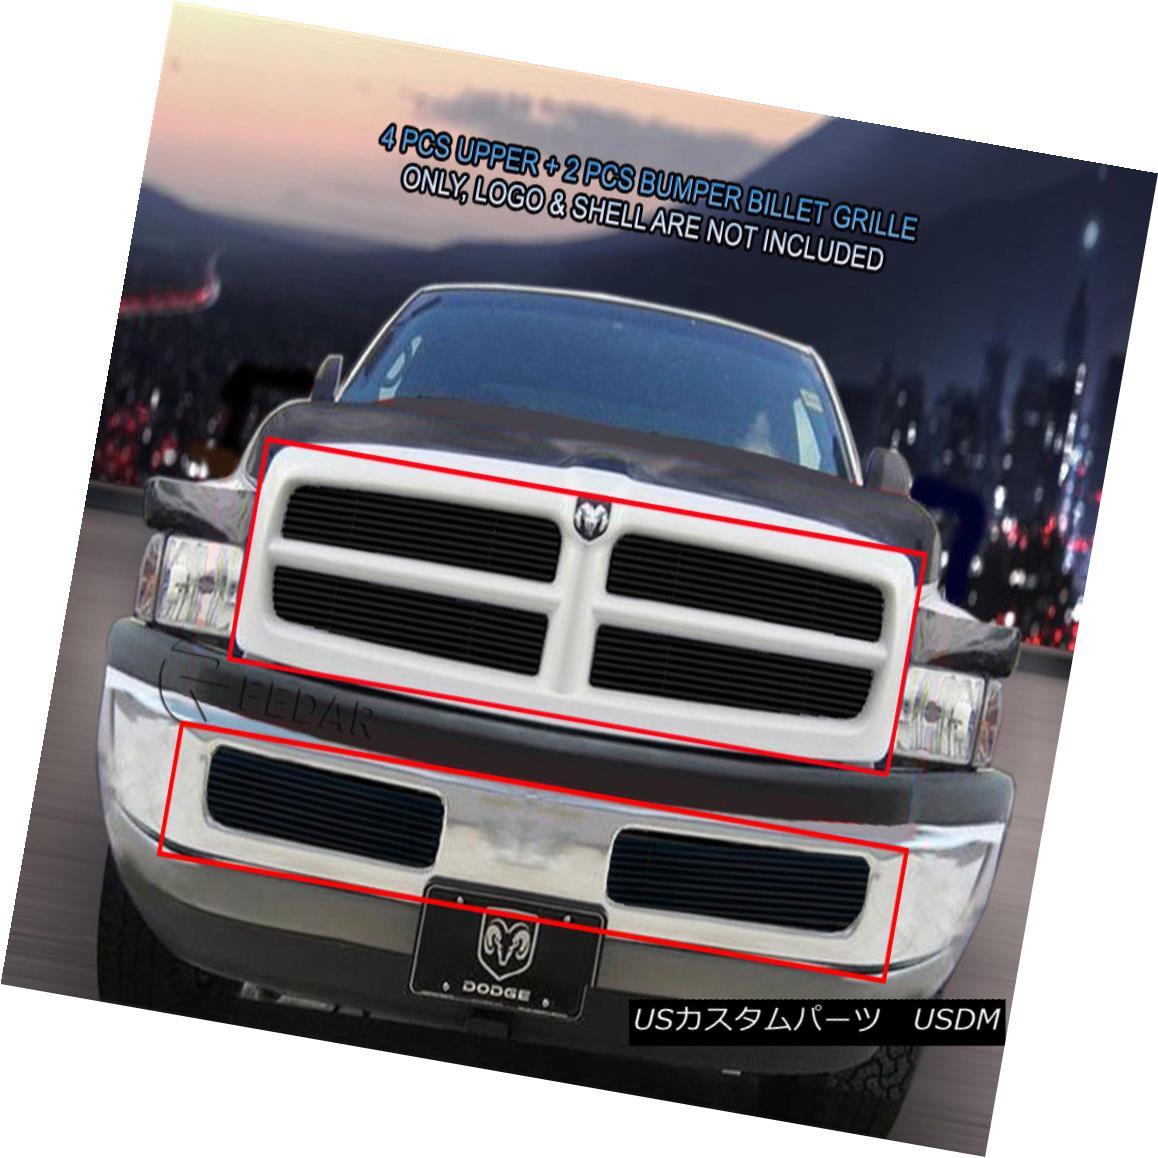 グリル Fedar Fits 1999-2001 Dodge Ram Sport Black Billet Grille Combo Fedar 1999-2001 Dodge Ram Sportブラックビレットグリルコンボフィッティング